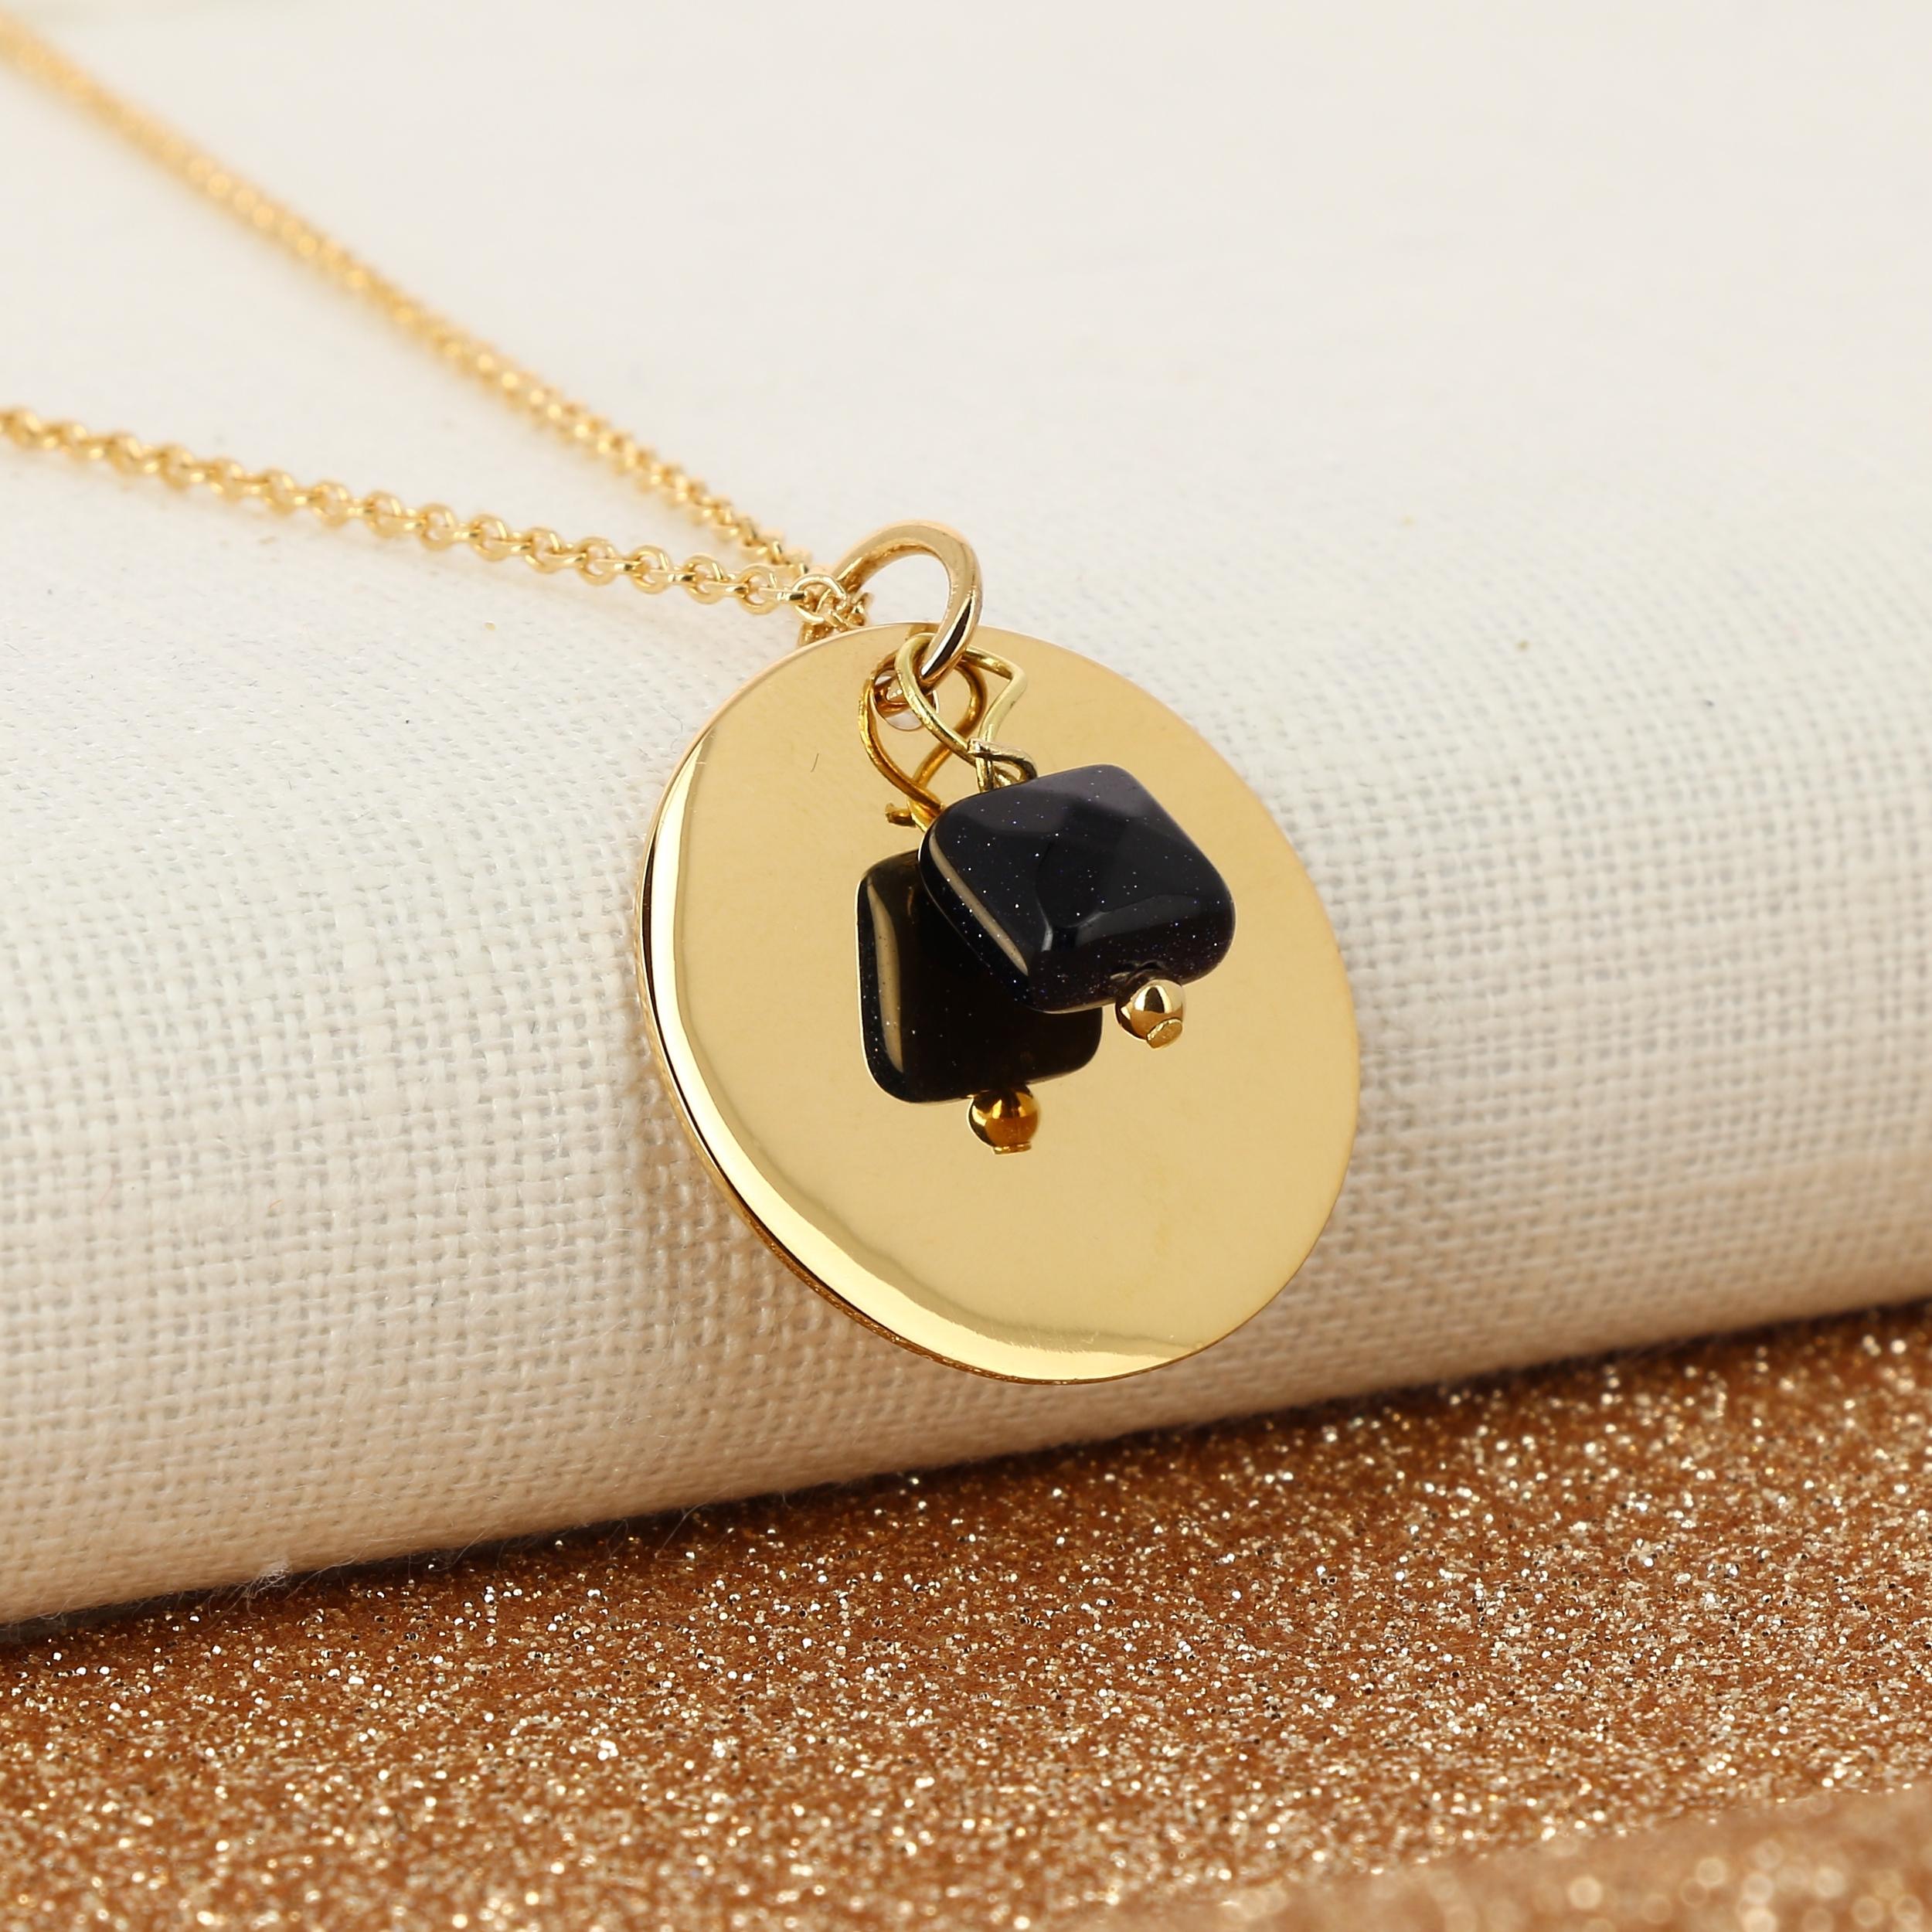 collier-medaille-25mm plaque-or-pierre de sable-alex-dore-graver-personnalise-cadeau-naissance-mariage-anniversaire-fete-mere-paillettes-glitter